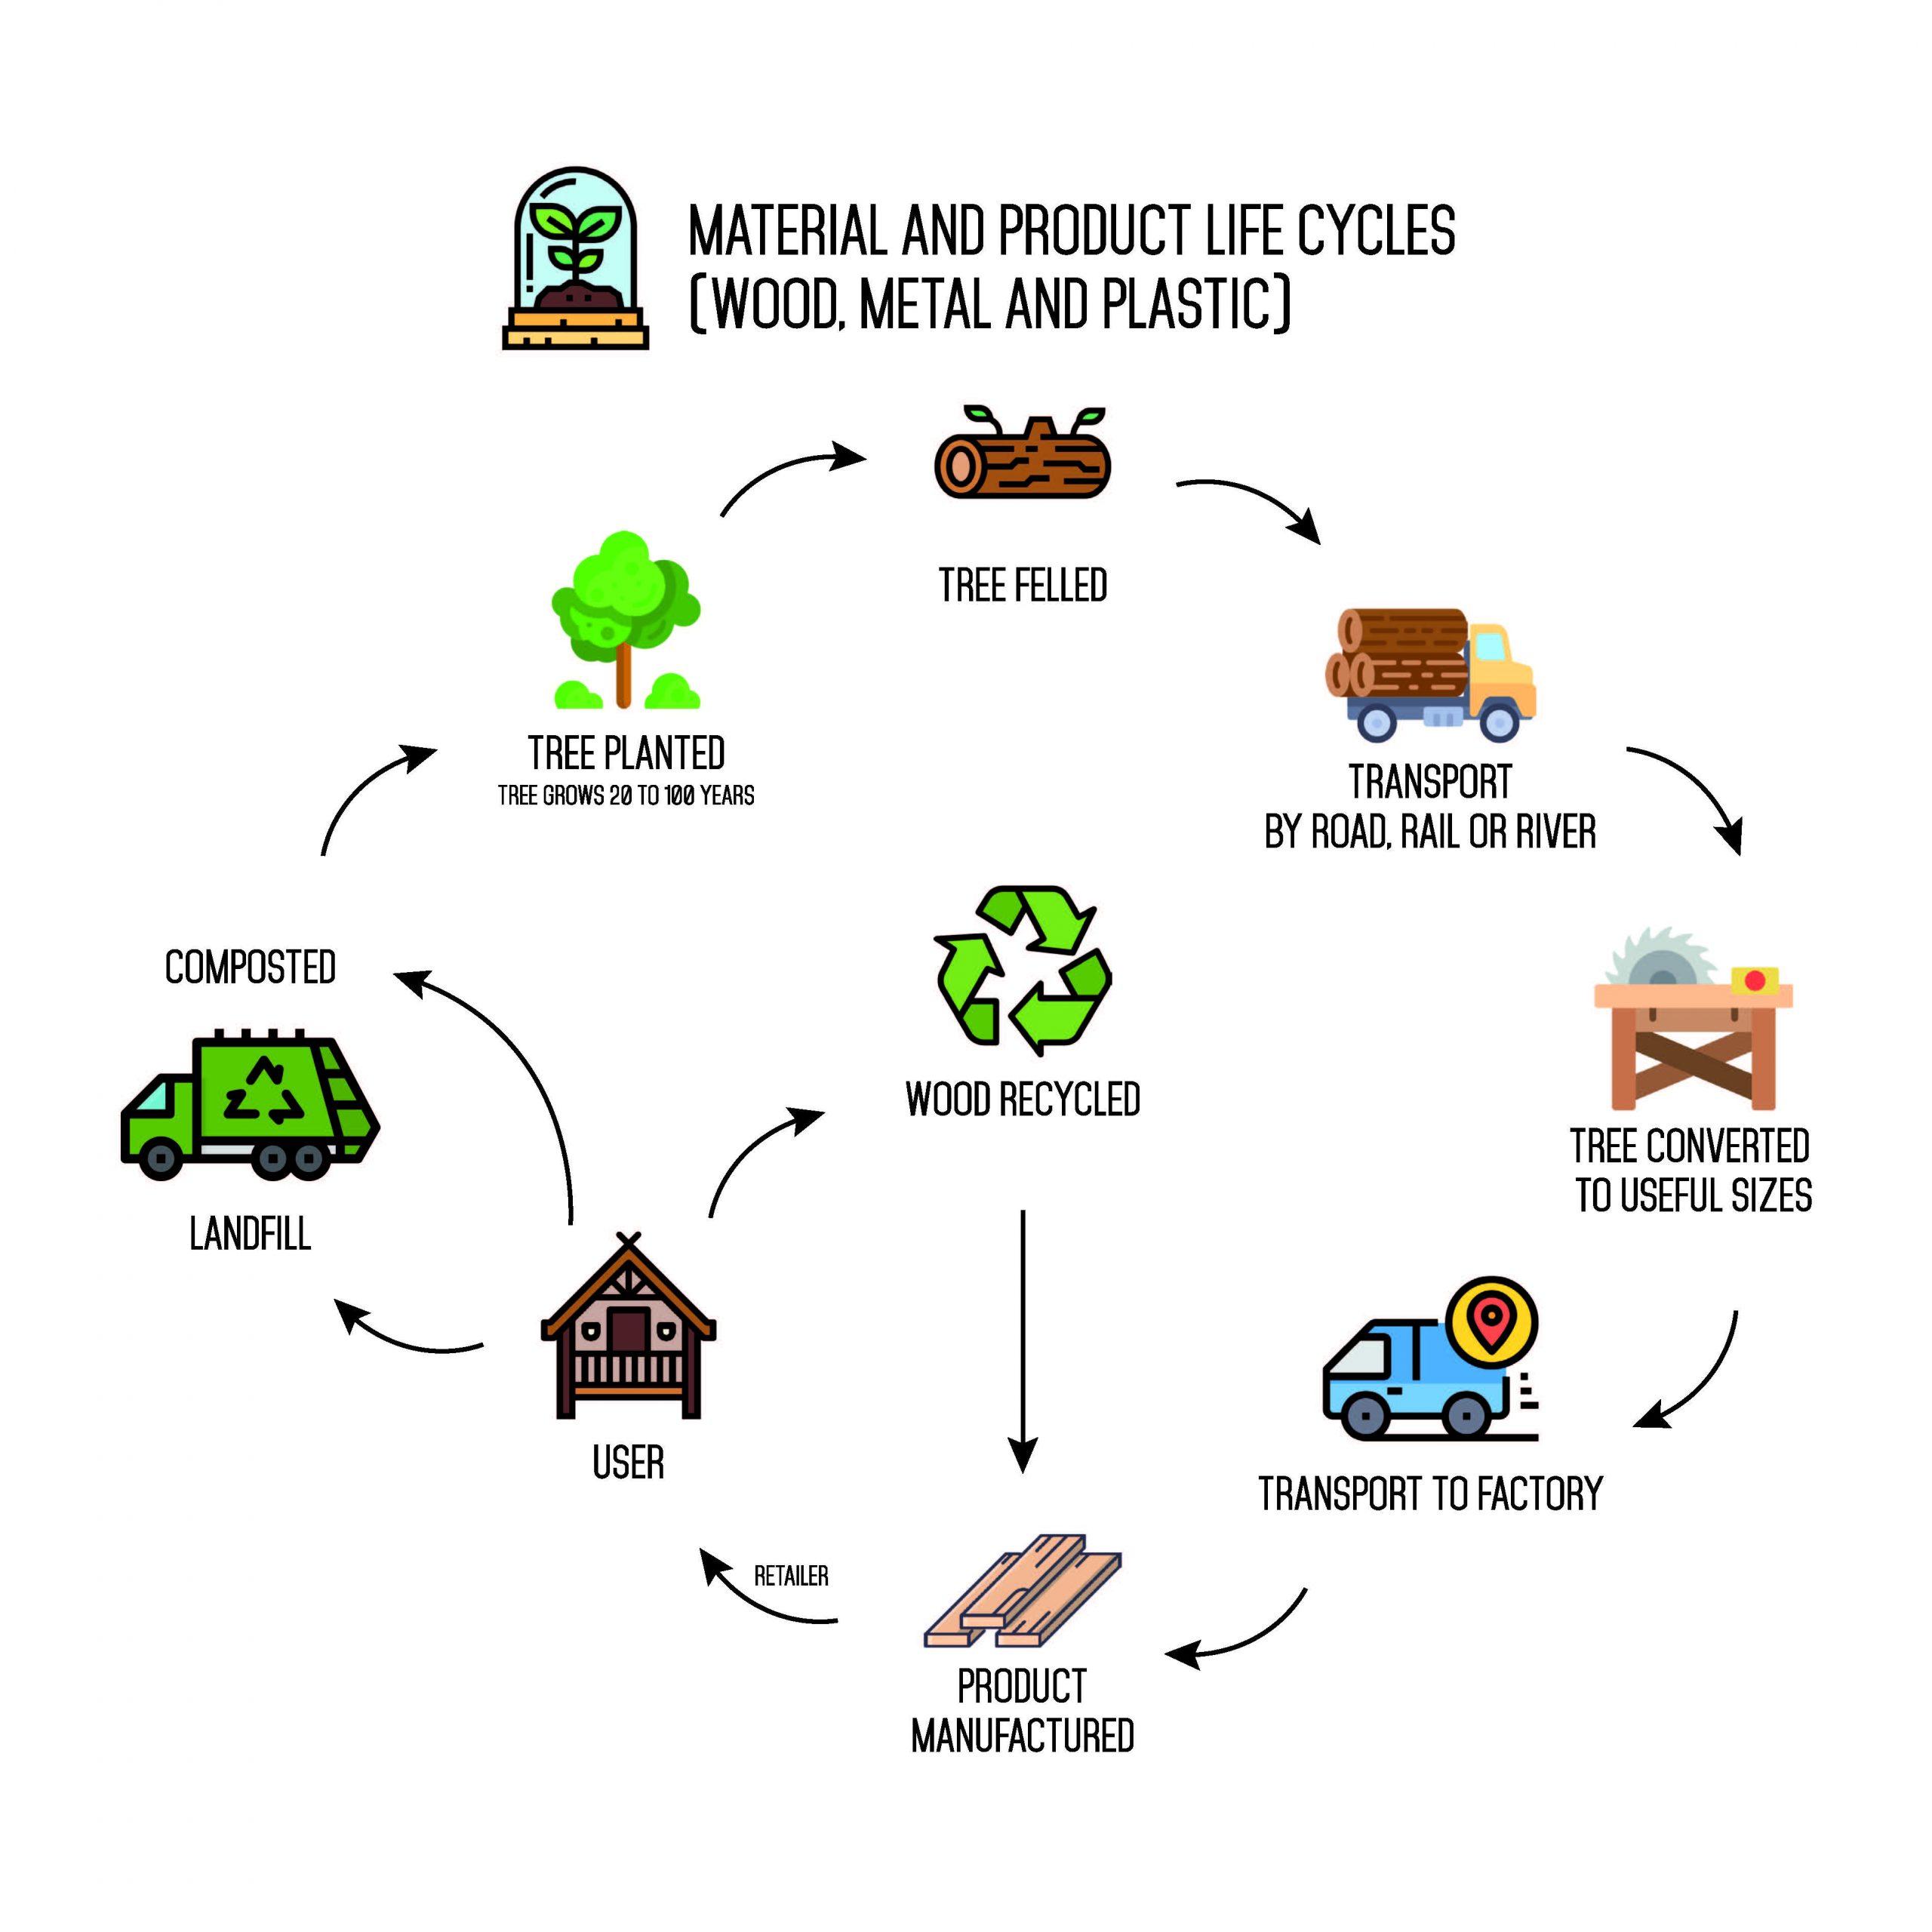 Quali sono i vantaggi dell'uso di un prodotto verniciante con materie prime da fonti rinnovabili?